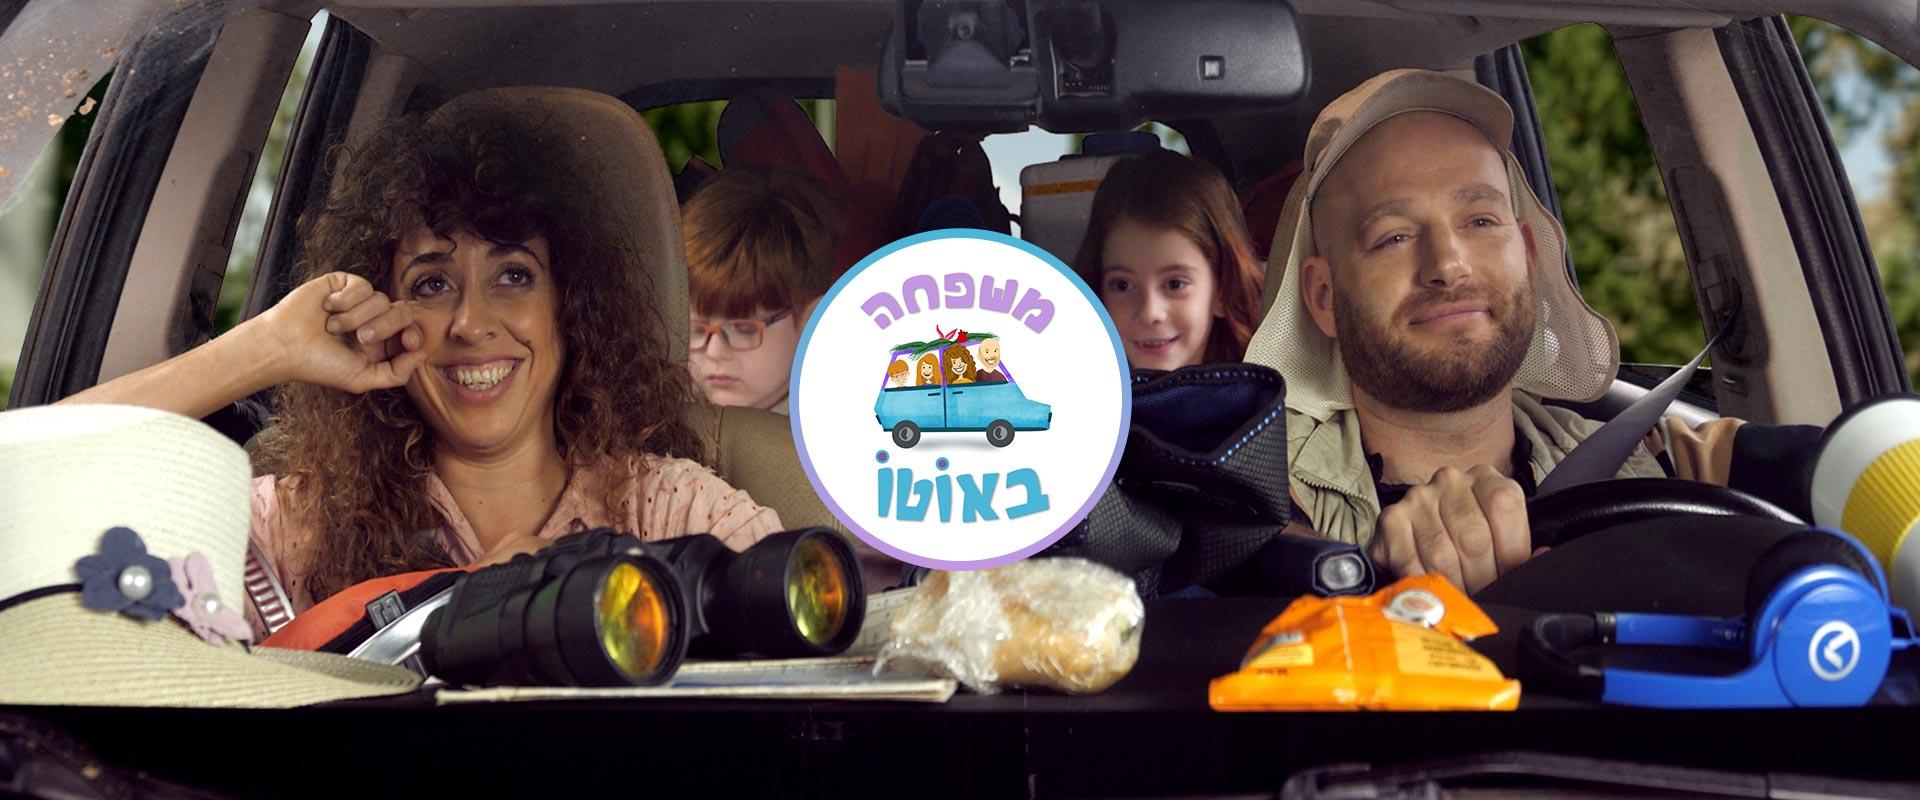 משפחה באוטו